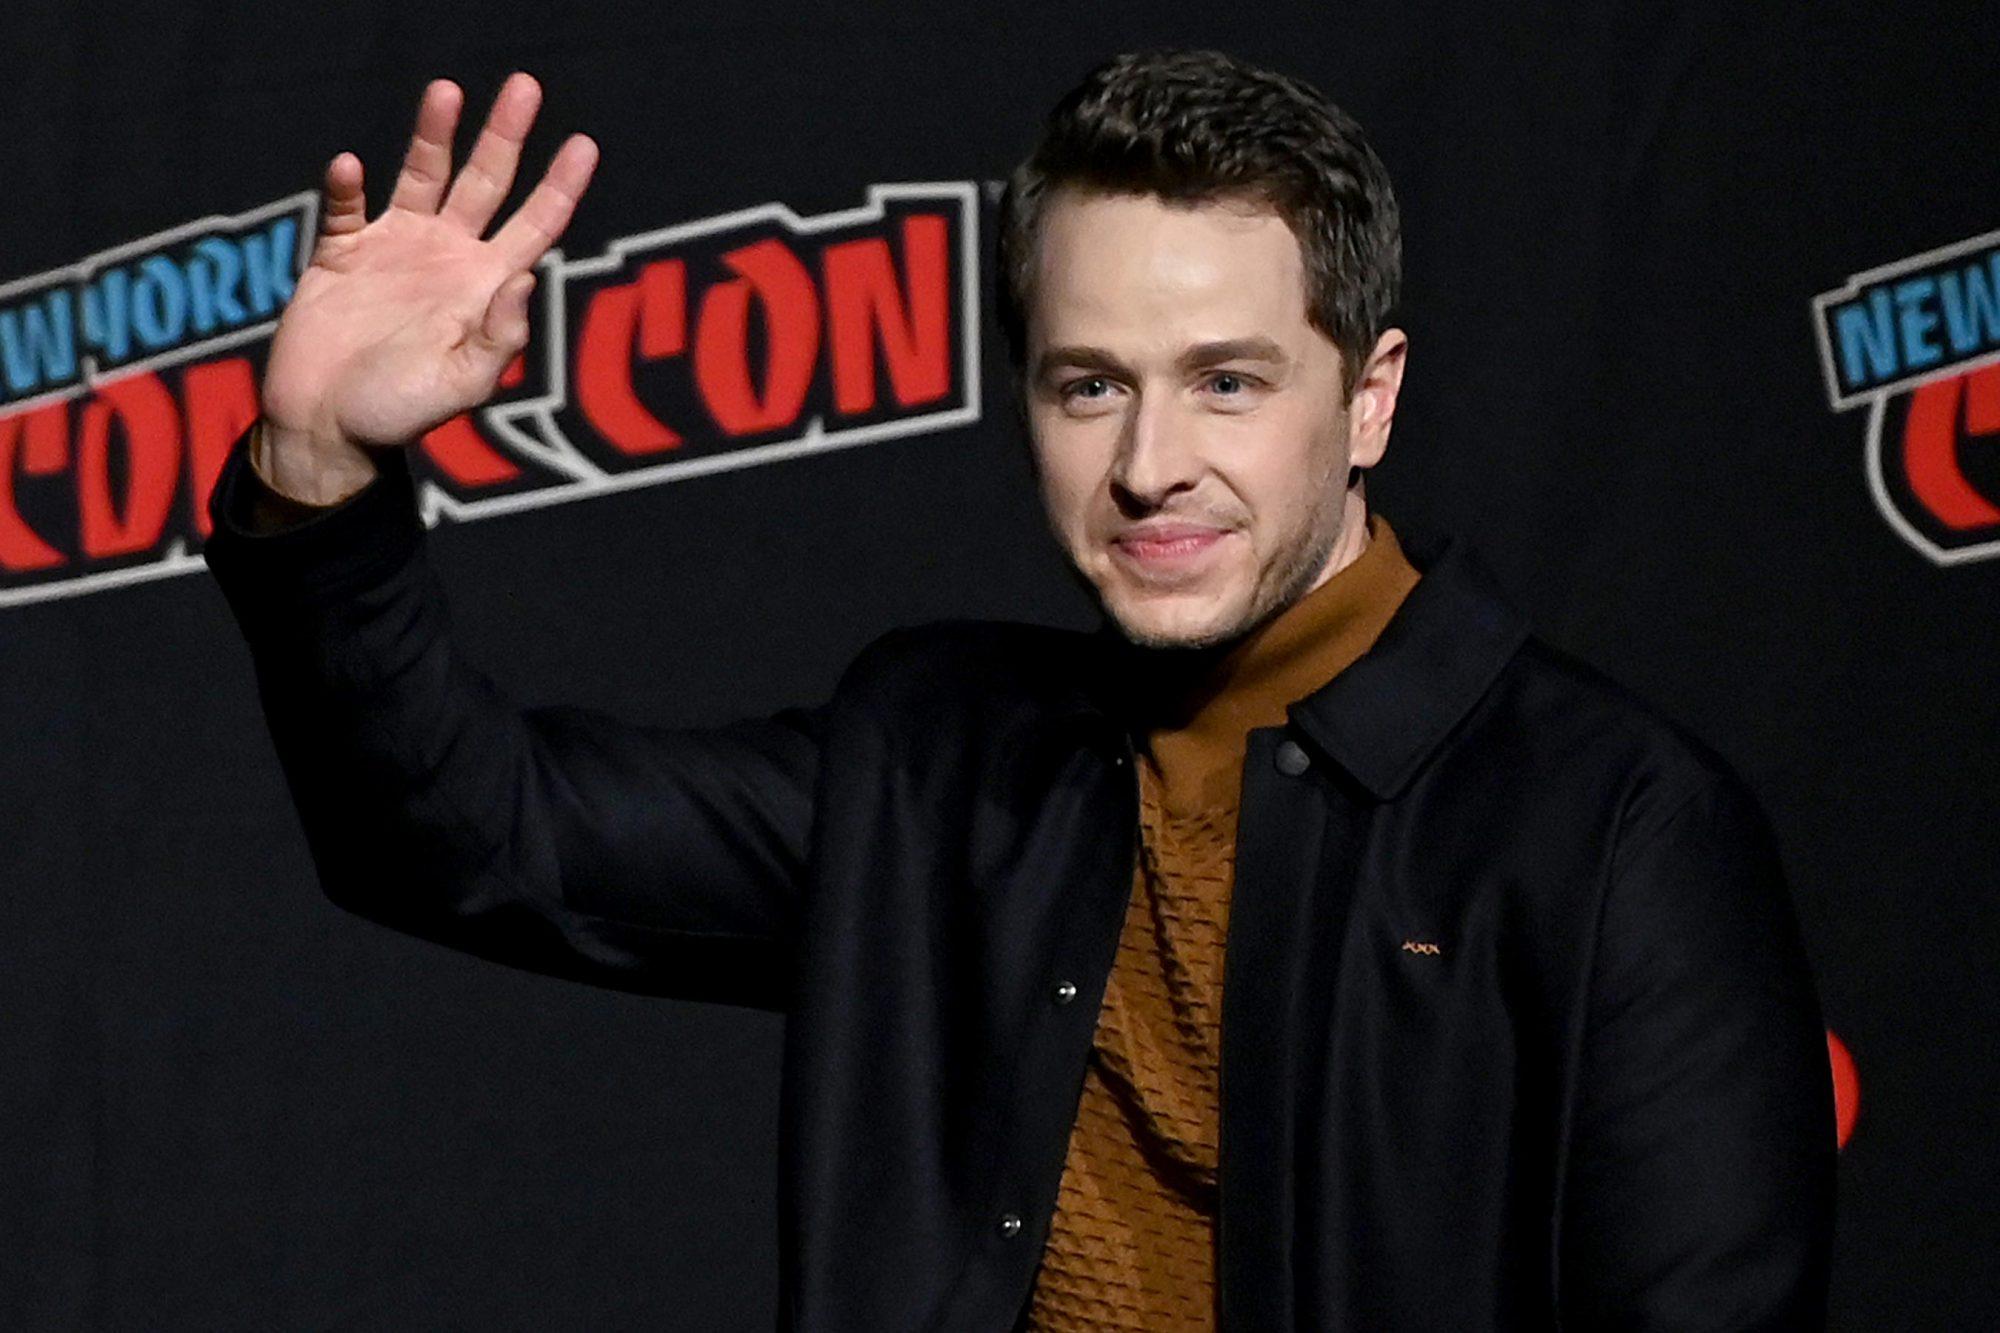 New York Comic Con 2019 - Day 4